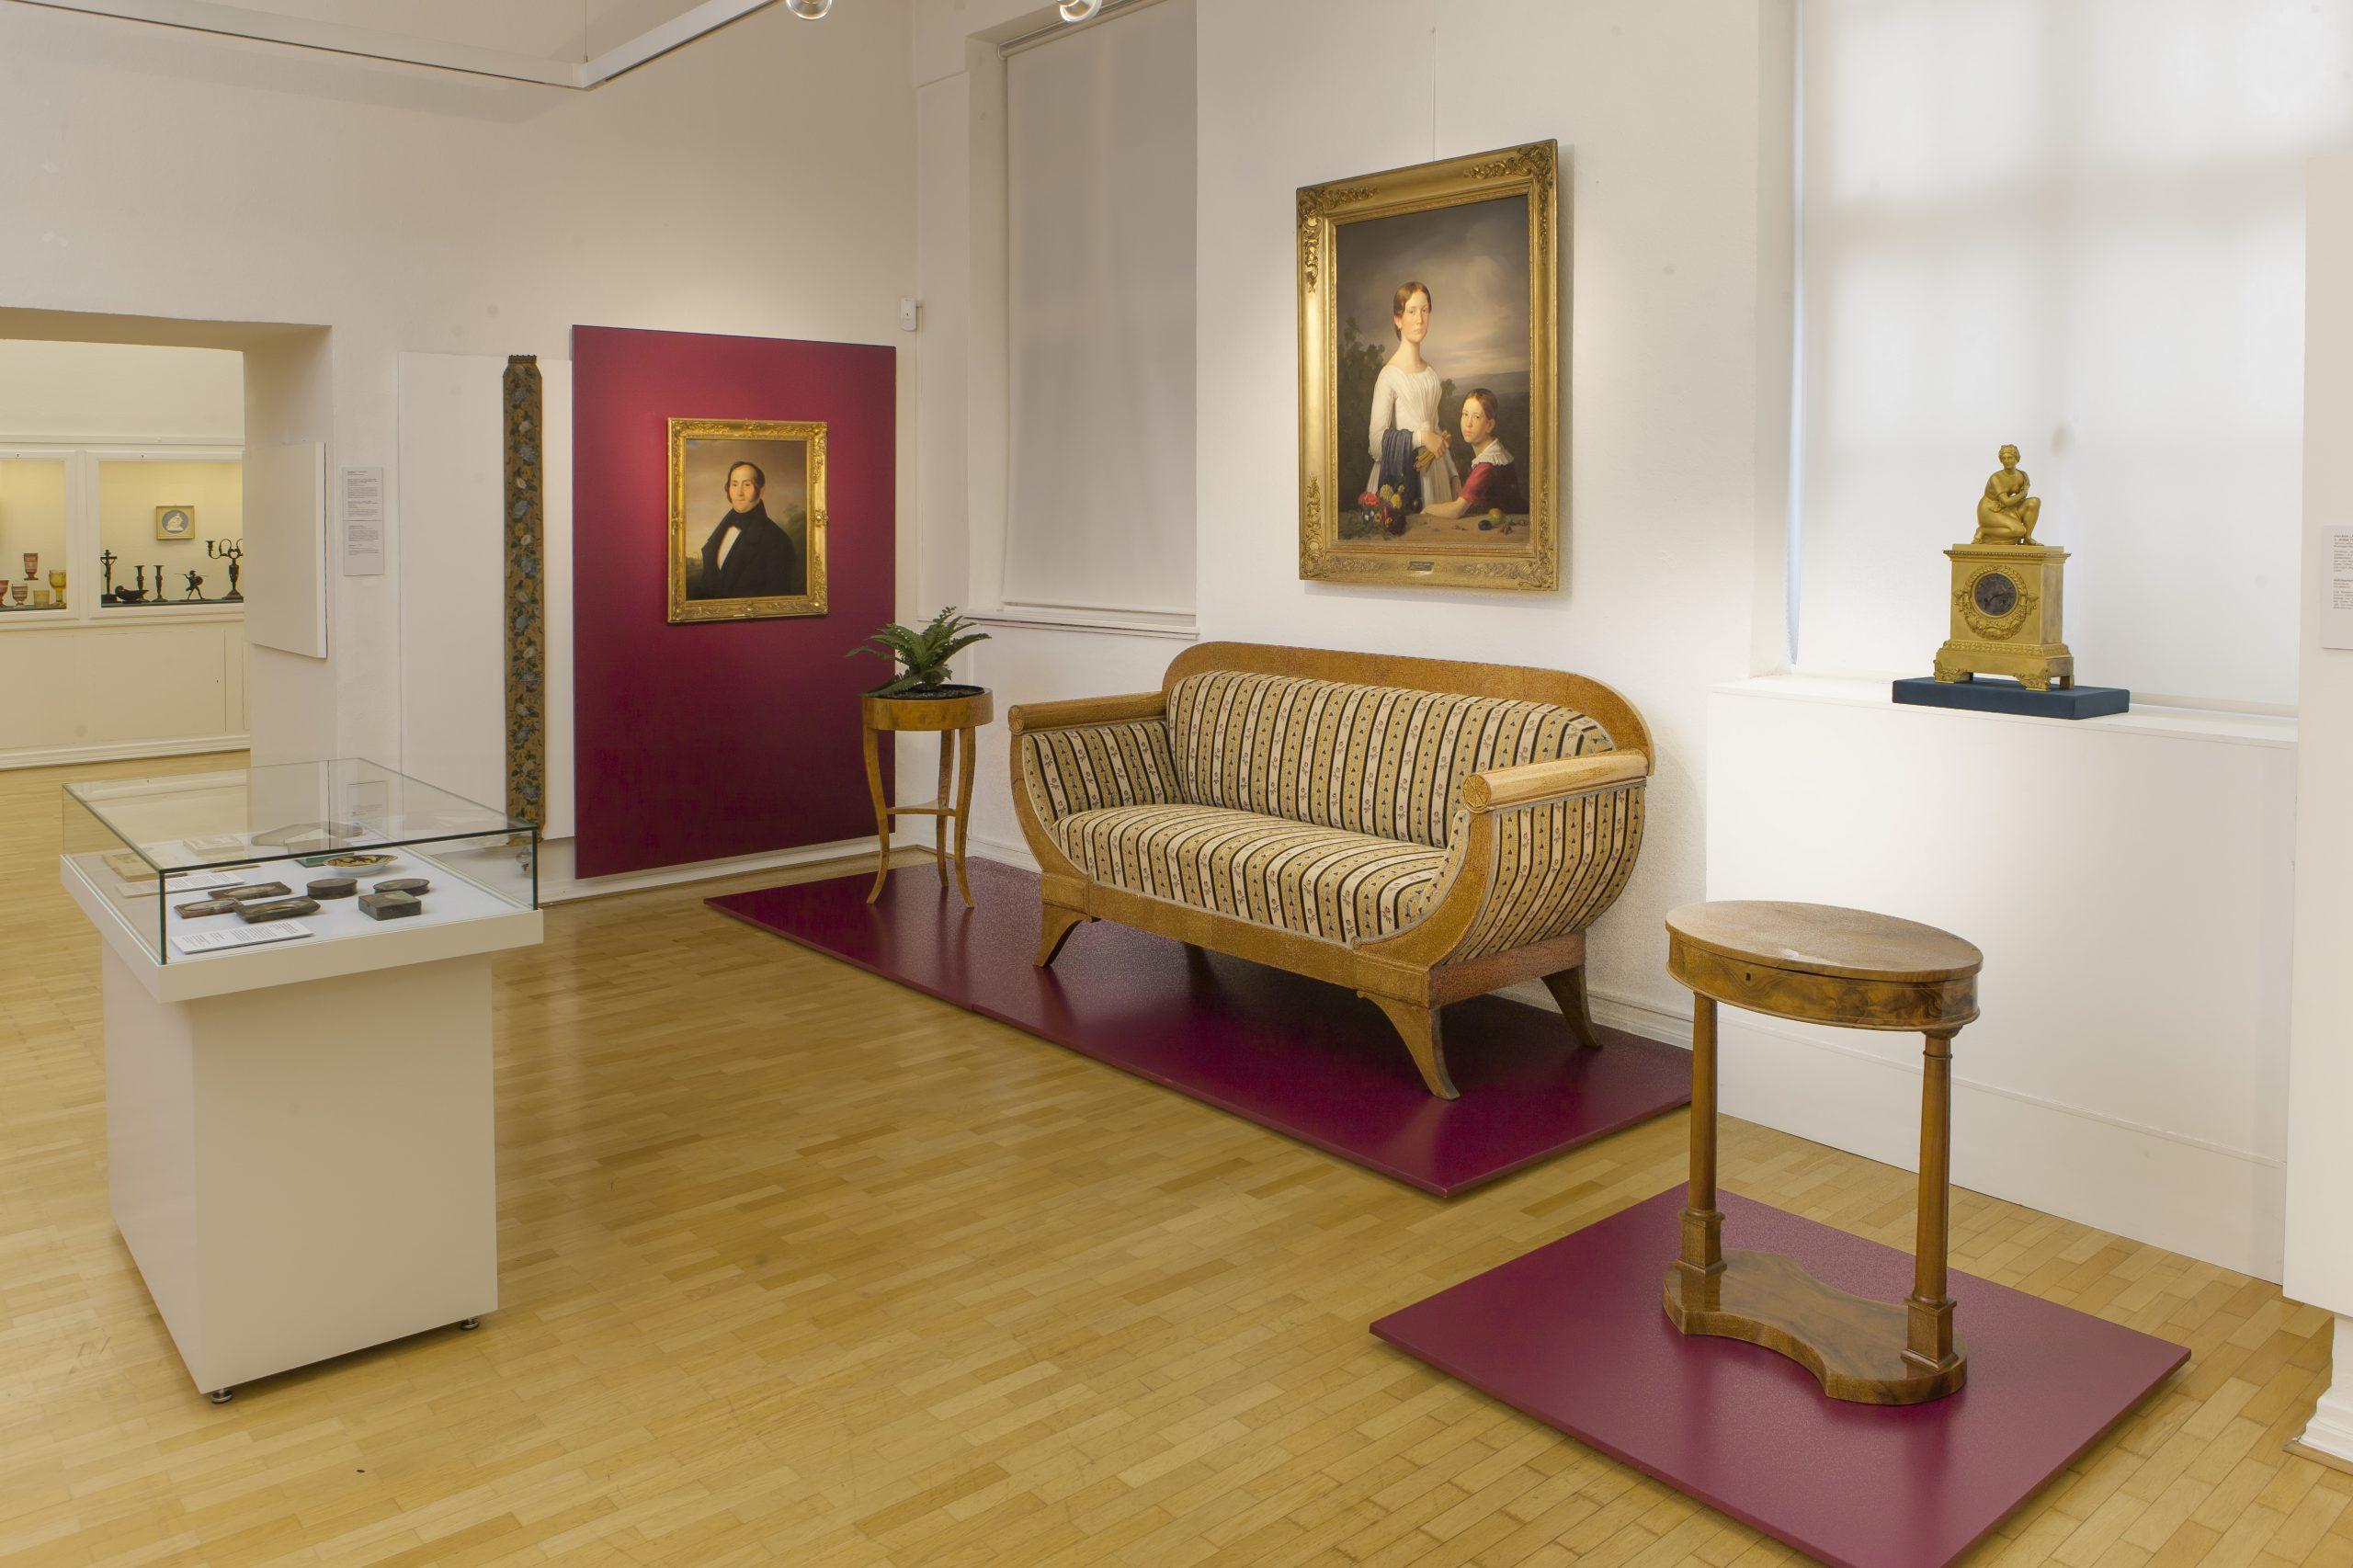 Roentgen Museum Biedermeier Ausstellung 2019